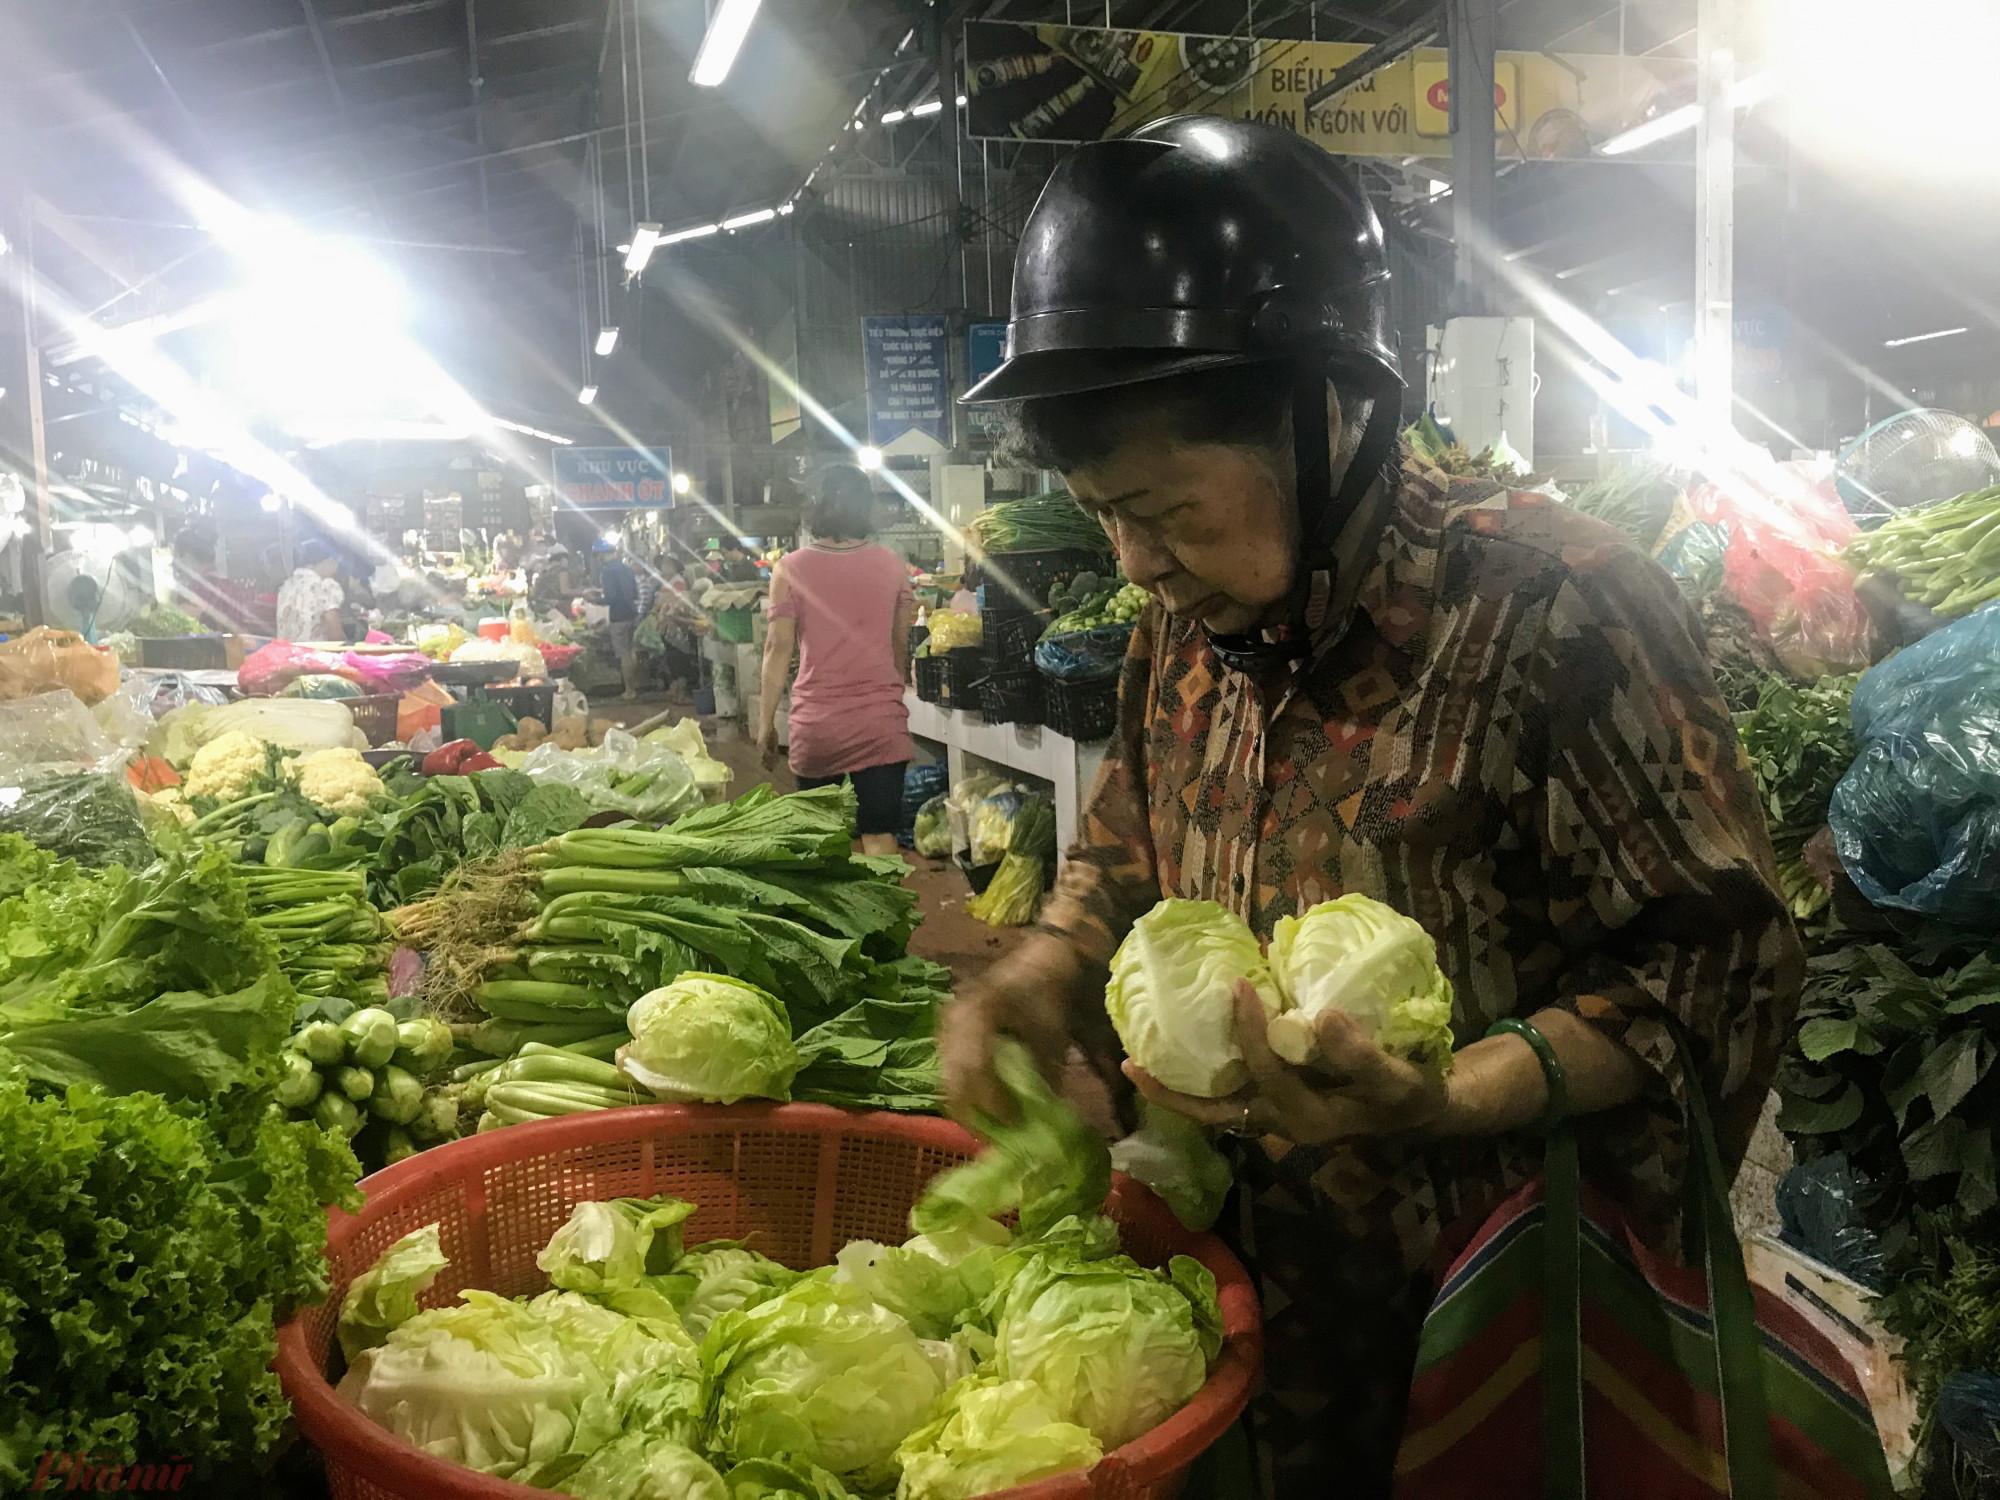 Rau xanh tại chợ dân sinh giá tăng cao, một số mặt hàng tăng giá gấp đôi